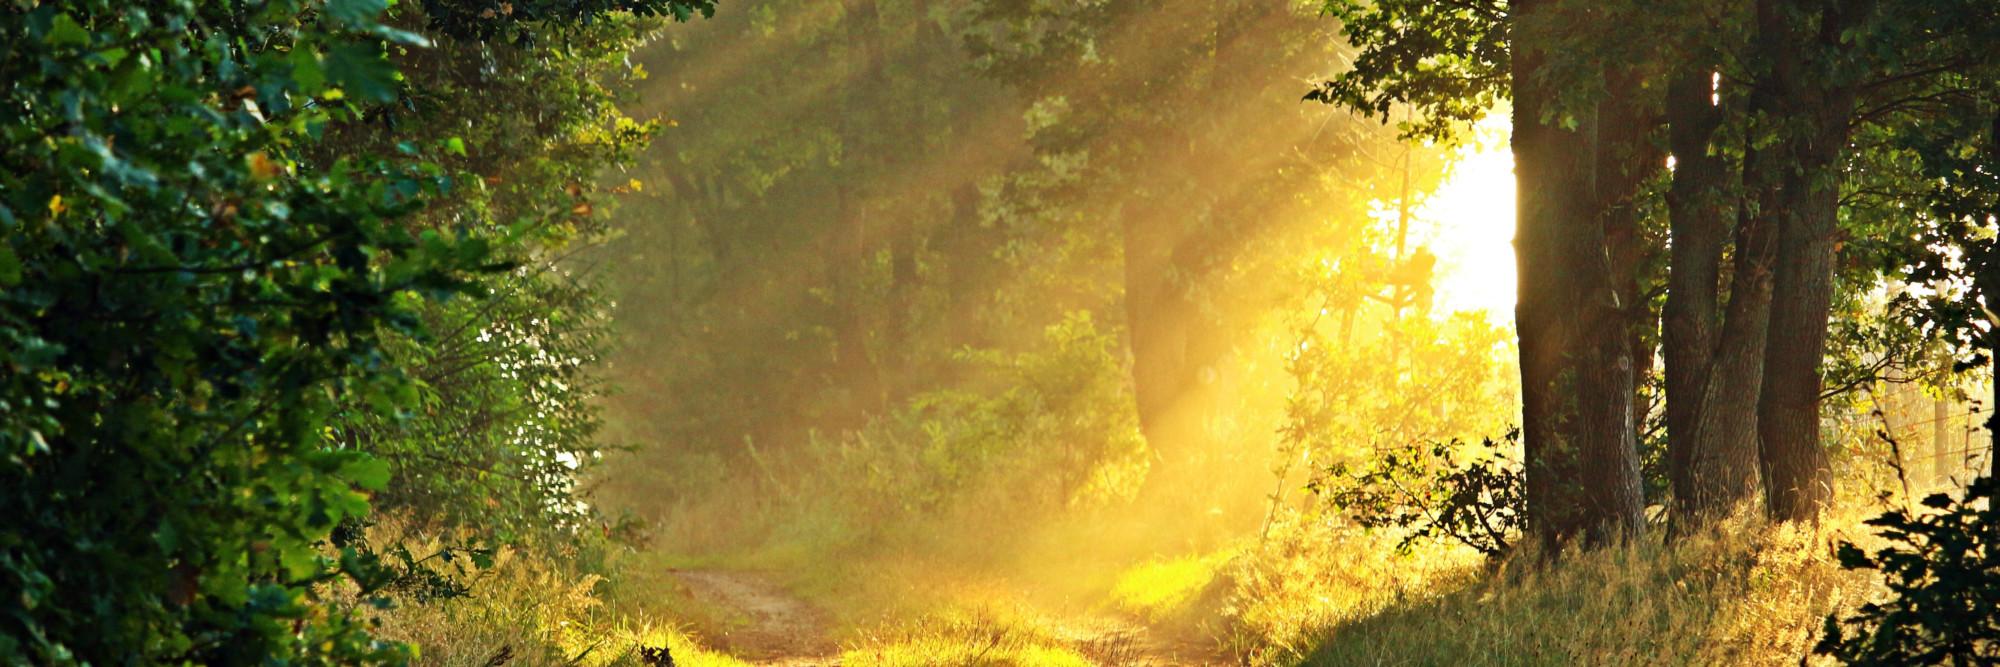 Sonnenstrahlen fallen auf einen Waldweg, gesäumt von alten Laubbäumen.